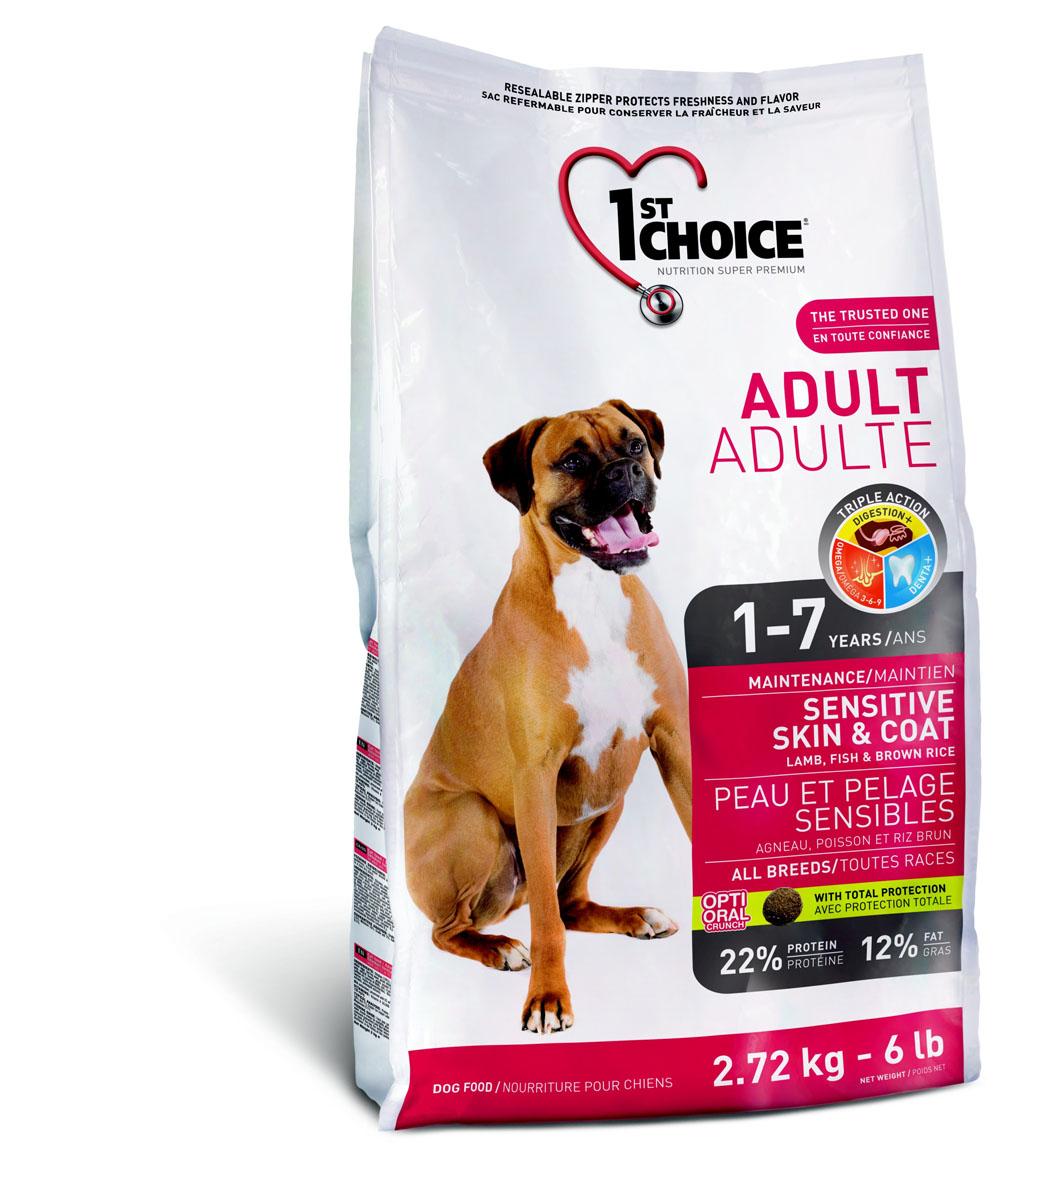 Корм сухой 1st Choice Sensitive Skin & Coat для взрослых собак с чувствительной кожей и шерстью, с ягненком, рыбой и рисом, 7 кг0120710Сухой корм 1st Choice Sensitive Skin & Coat предназначен для взрослых собак с чувствительной кожей и шерстью. Ягненок и рыба (потенциально гипоаллергенные источники протеина) - главные ингредиенты этой сбалансированной и очень вкусной формулы.Добавление натуральных пребиотиков, таких как экстракт цикория - источник инулина (фруктоолигосахарид) и дрожжевой экстракт (маннан-олигосахариды) способствует росту и развитию полезной кишечной микрофлоры, которая укрепляет иммунную систему организма. Экстракт имбиря снижает тошноту и газообразование.Превосходное сочетание экстракта зеленого чая, быстрорастворимого витамина С, клетчатки, мяты и петрушки освежает дыхание и обеспечивает гигиену зубов и полости рта. Сочетание Омега -3-6-9 жирных кислот и L-цистина делают шерсть блестящей, а кожу здоровой.Ингредиенты: мука из мяса ягненка, мука из мяса сельди, коричневый рис, картофельная мука, перловая крупа, дробленый рис, овсяная крупа, растительное масло (источник Омего-6 жирных кислот) в качестве консерванта - смесь токоферолов (источник витамина Е), сушеная мякоть свеклы, сушеная мякоть томата, измельченная клетчатка, цельное семя льна (источник Омего-3 жирных кислот), лецитин, гидролизат куриной печени, жир сельди, мононатрийфосфат, холинхлорид, кальция пропинат (в качестве консерванта), дрожжевой экстракт, аскорбиновая кистота (витамин С), таурин, экстракт цикория (источник инулина), сульфат железа, сульфат глюкозамина, оксид цинка, ацетат альфа-токоферола (источник витамина Е), хондроитин сульфа, экстракт Юкки Шидигера Yucca, протеинат железа, протеинат цинка, селенит натрия, мононитрат тиамина, сушеные водоросли, экстракт зелёного чая, сушеная мята, сушеная петрушка, L-цистин, сульфат меди, йодат кальция, пиридоксина гидрохлорид, оксид марганца, протеинат марганца, экстракт имбиря, никотиновая кислота, d-пантотенат кальция, супплемент вит